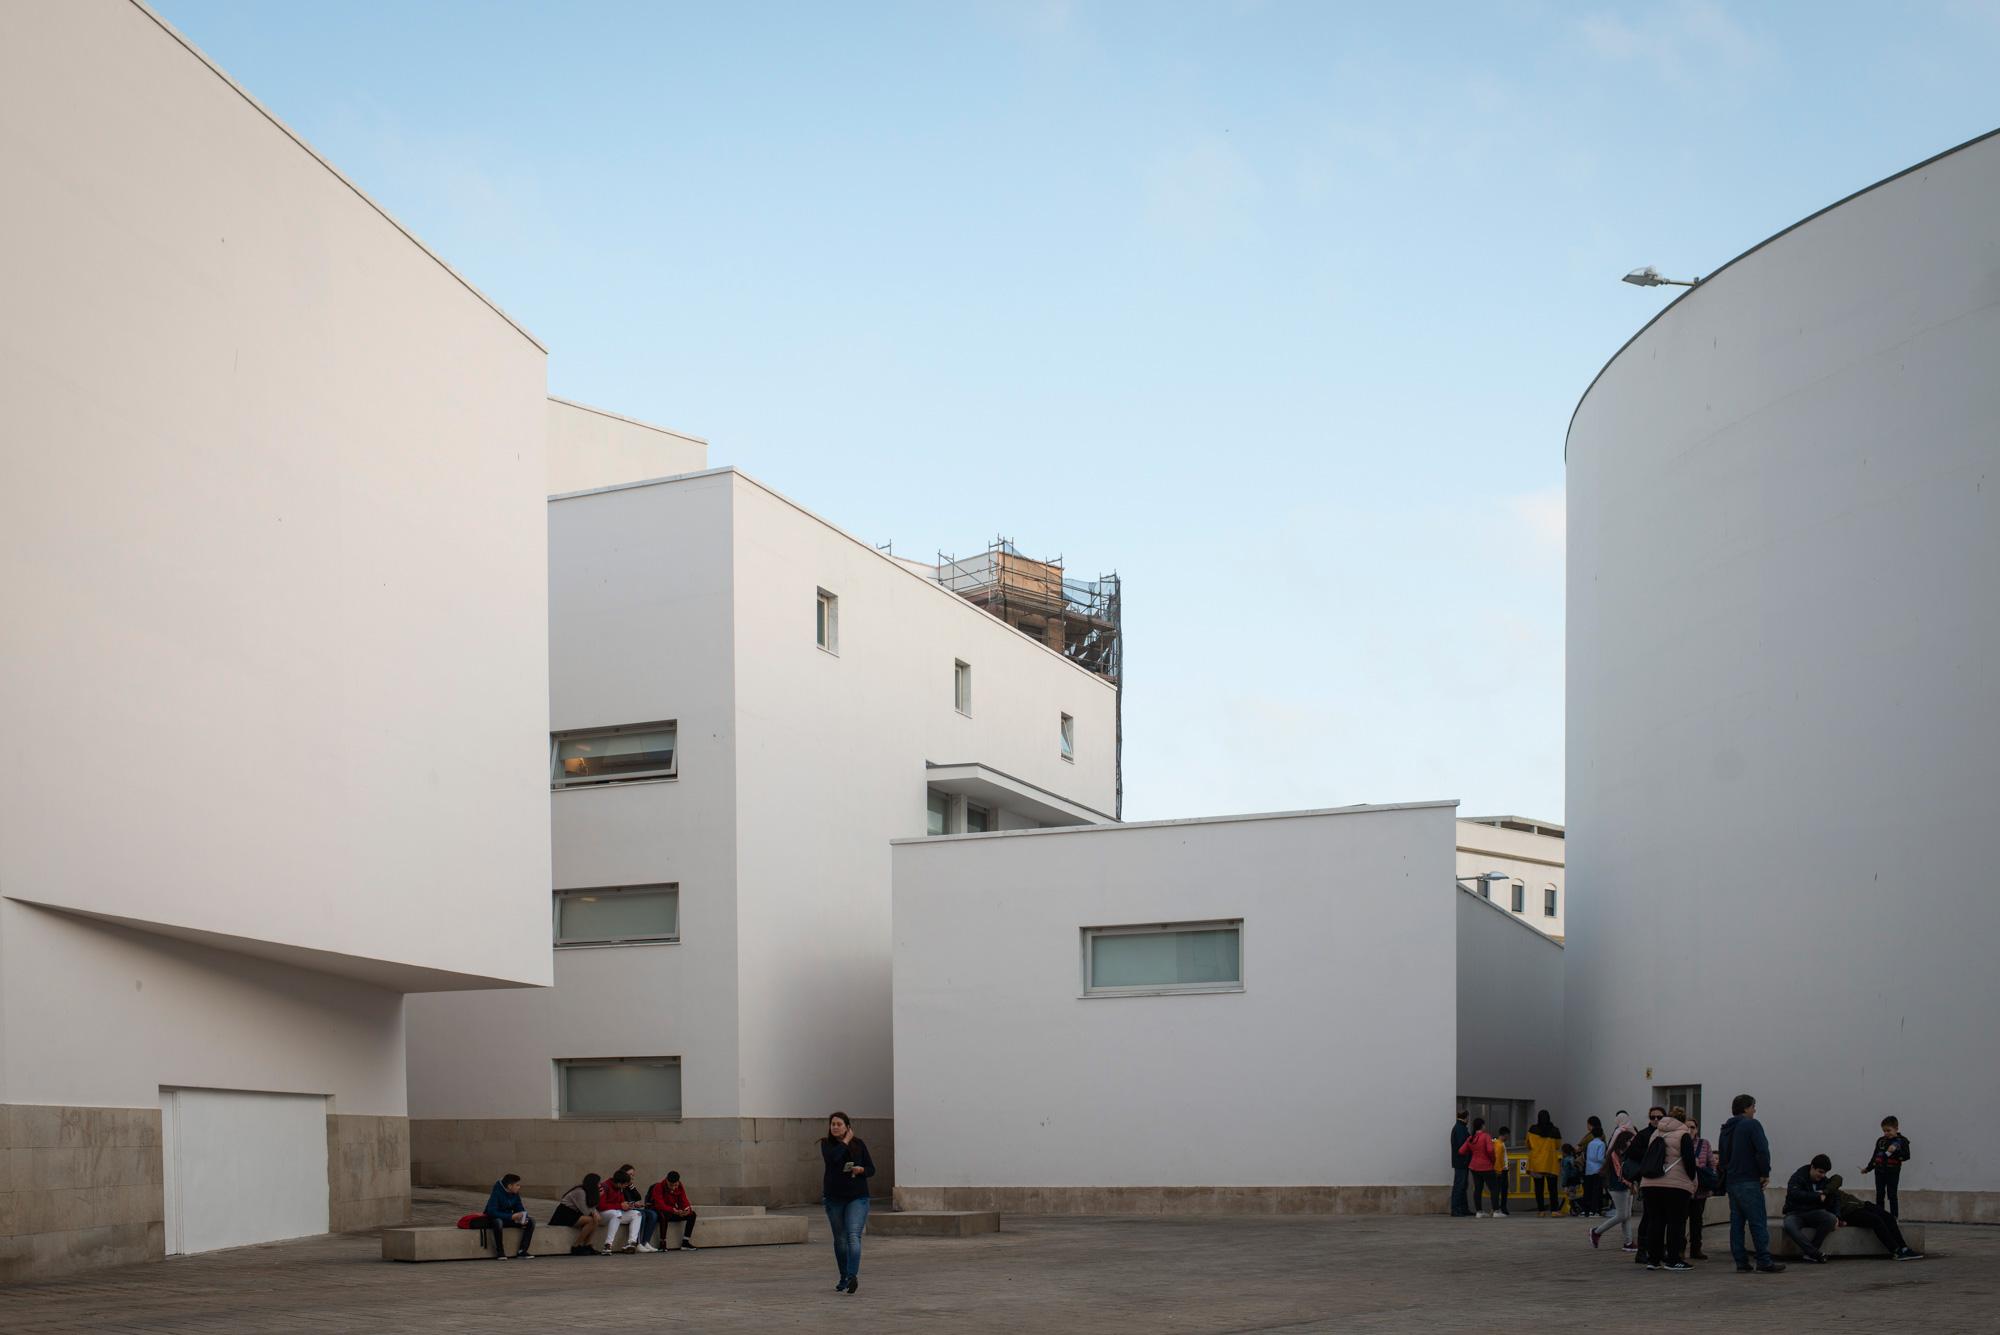 El trabajo del arquitecto Álvaro Siza destaca en el corazón de Ceuta. Foto: Sofía Moro.